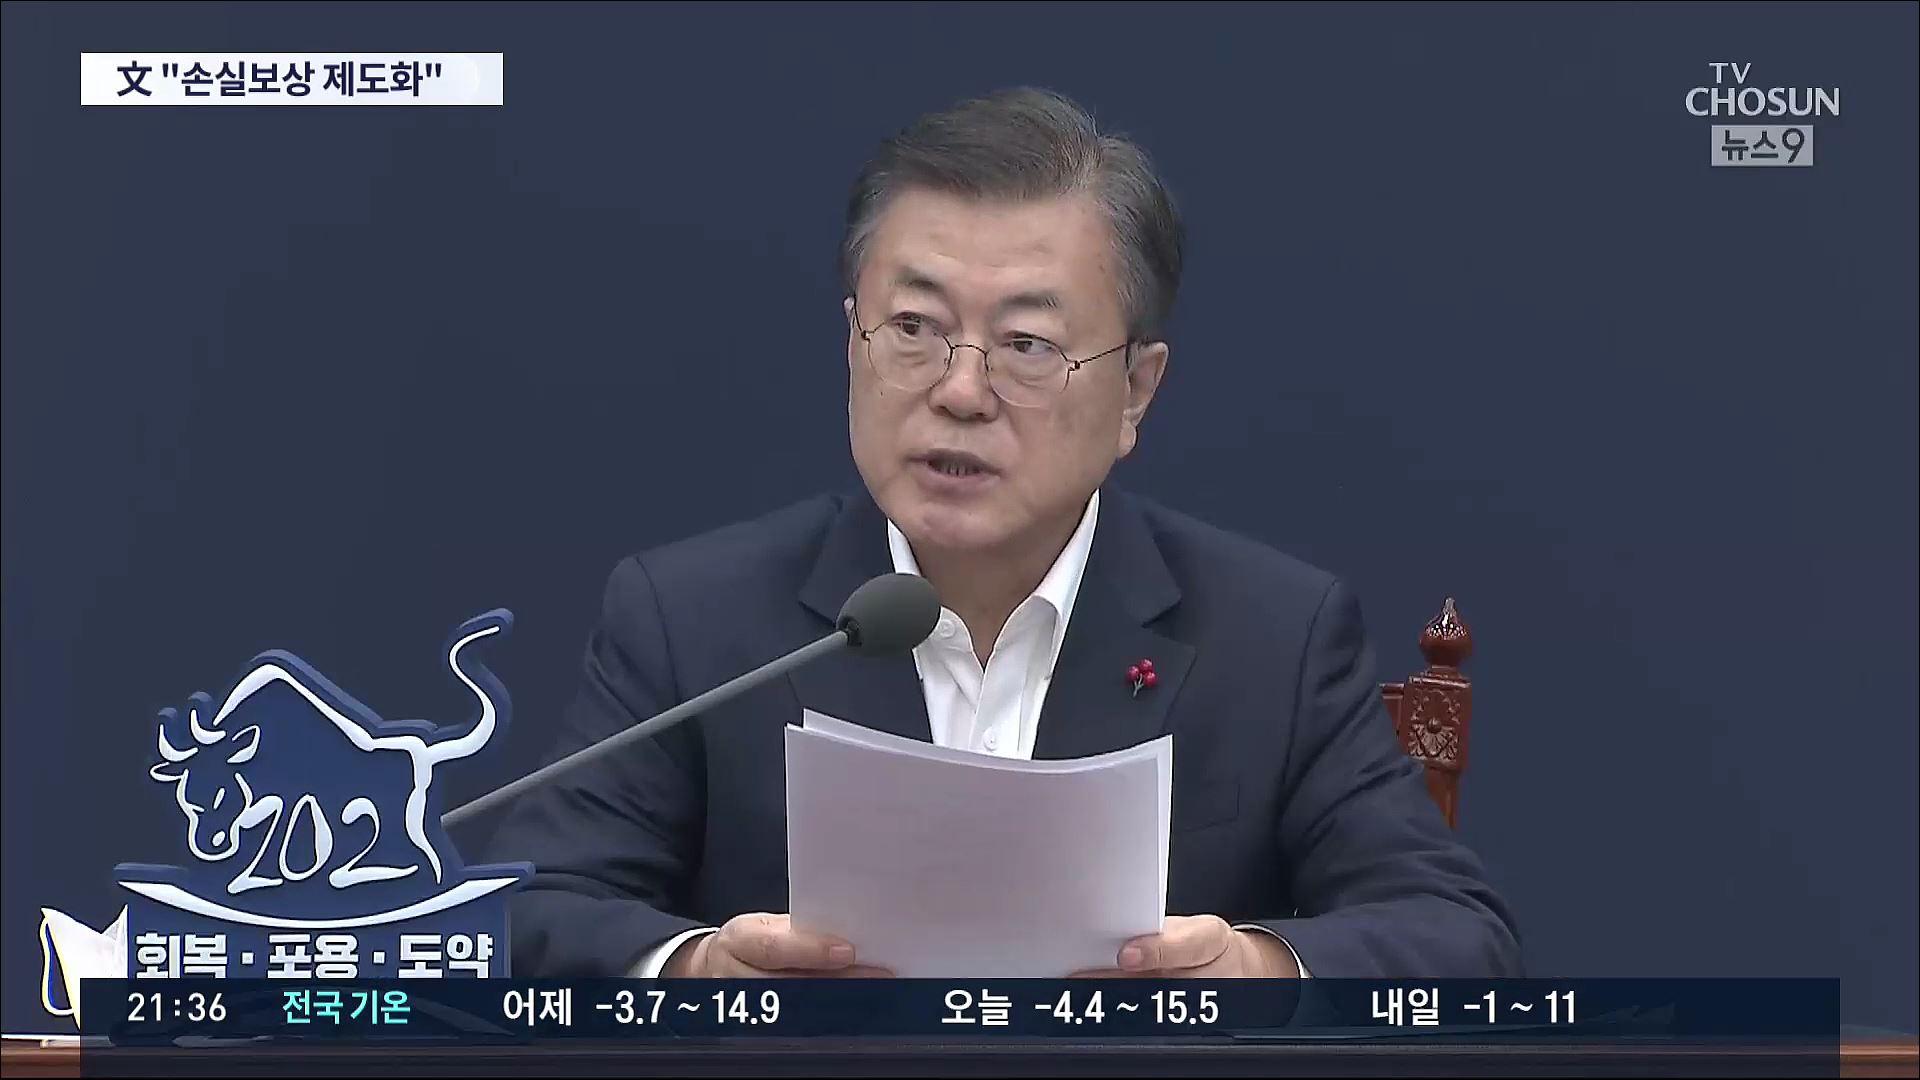 文 '손실보상 제도화', 與 '4월초까지 지급'…野 '노골적 금권선거